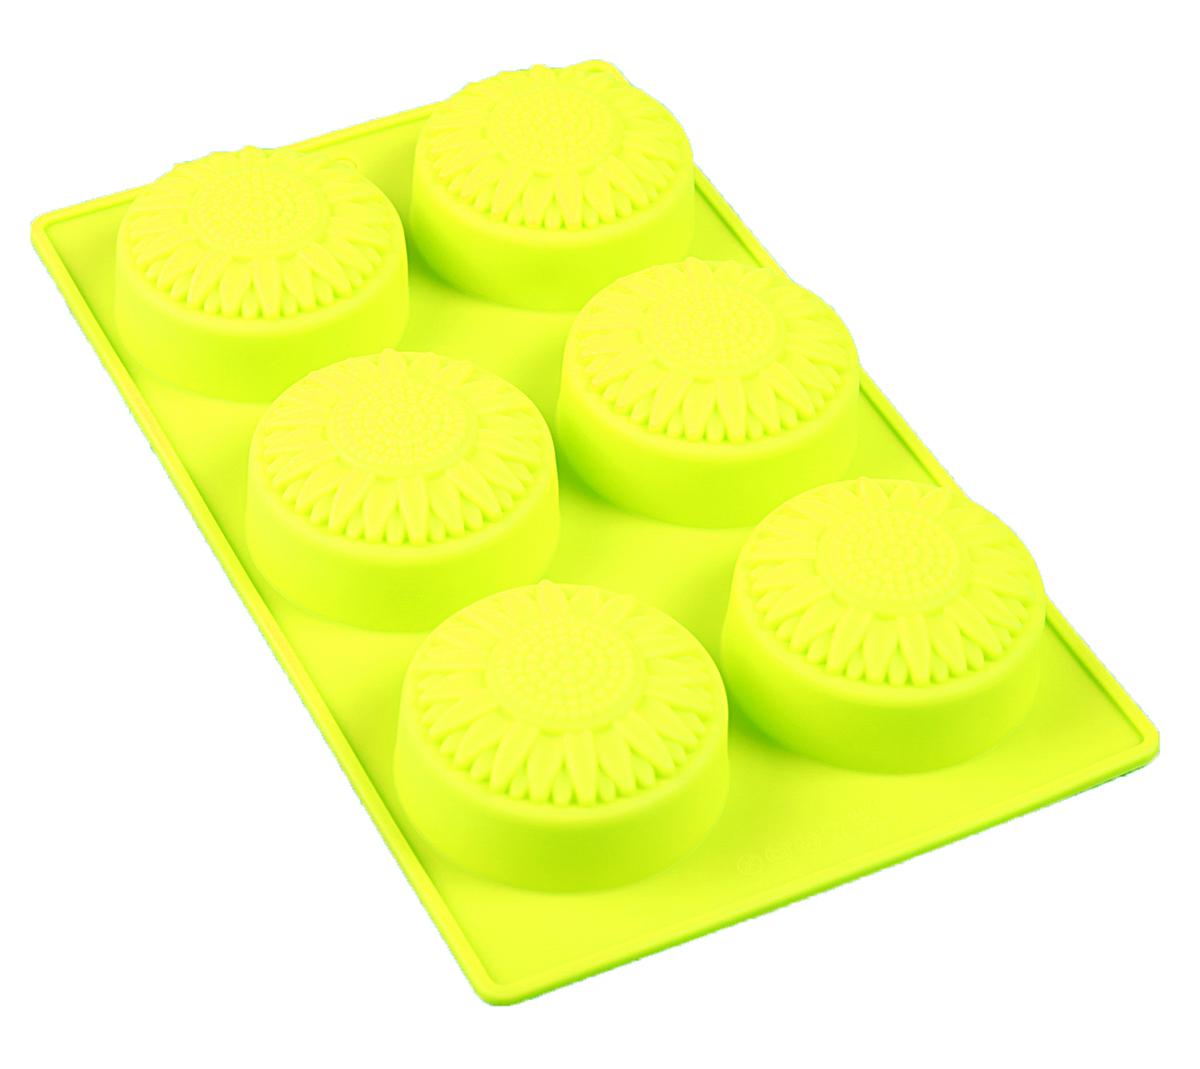 Форма для выпечки Доляна Подсолнух, силиконовая, цвет: желтый, 28 х 17 см, 6 ячеек форма для выпечки nadoba mila силиконовая 6 ячеек 29 х 17 х 3 7 см 762017